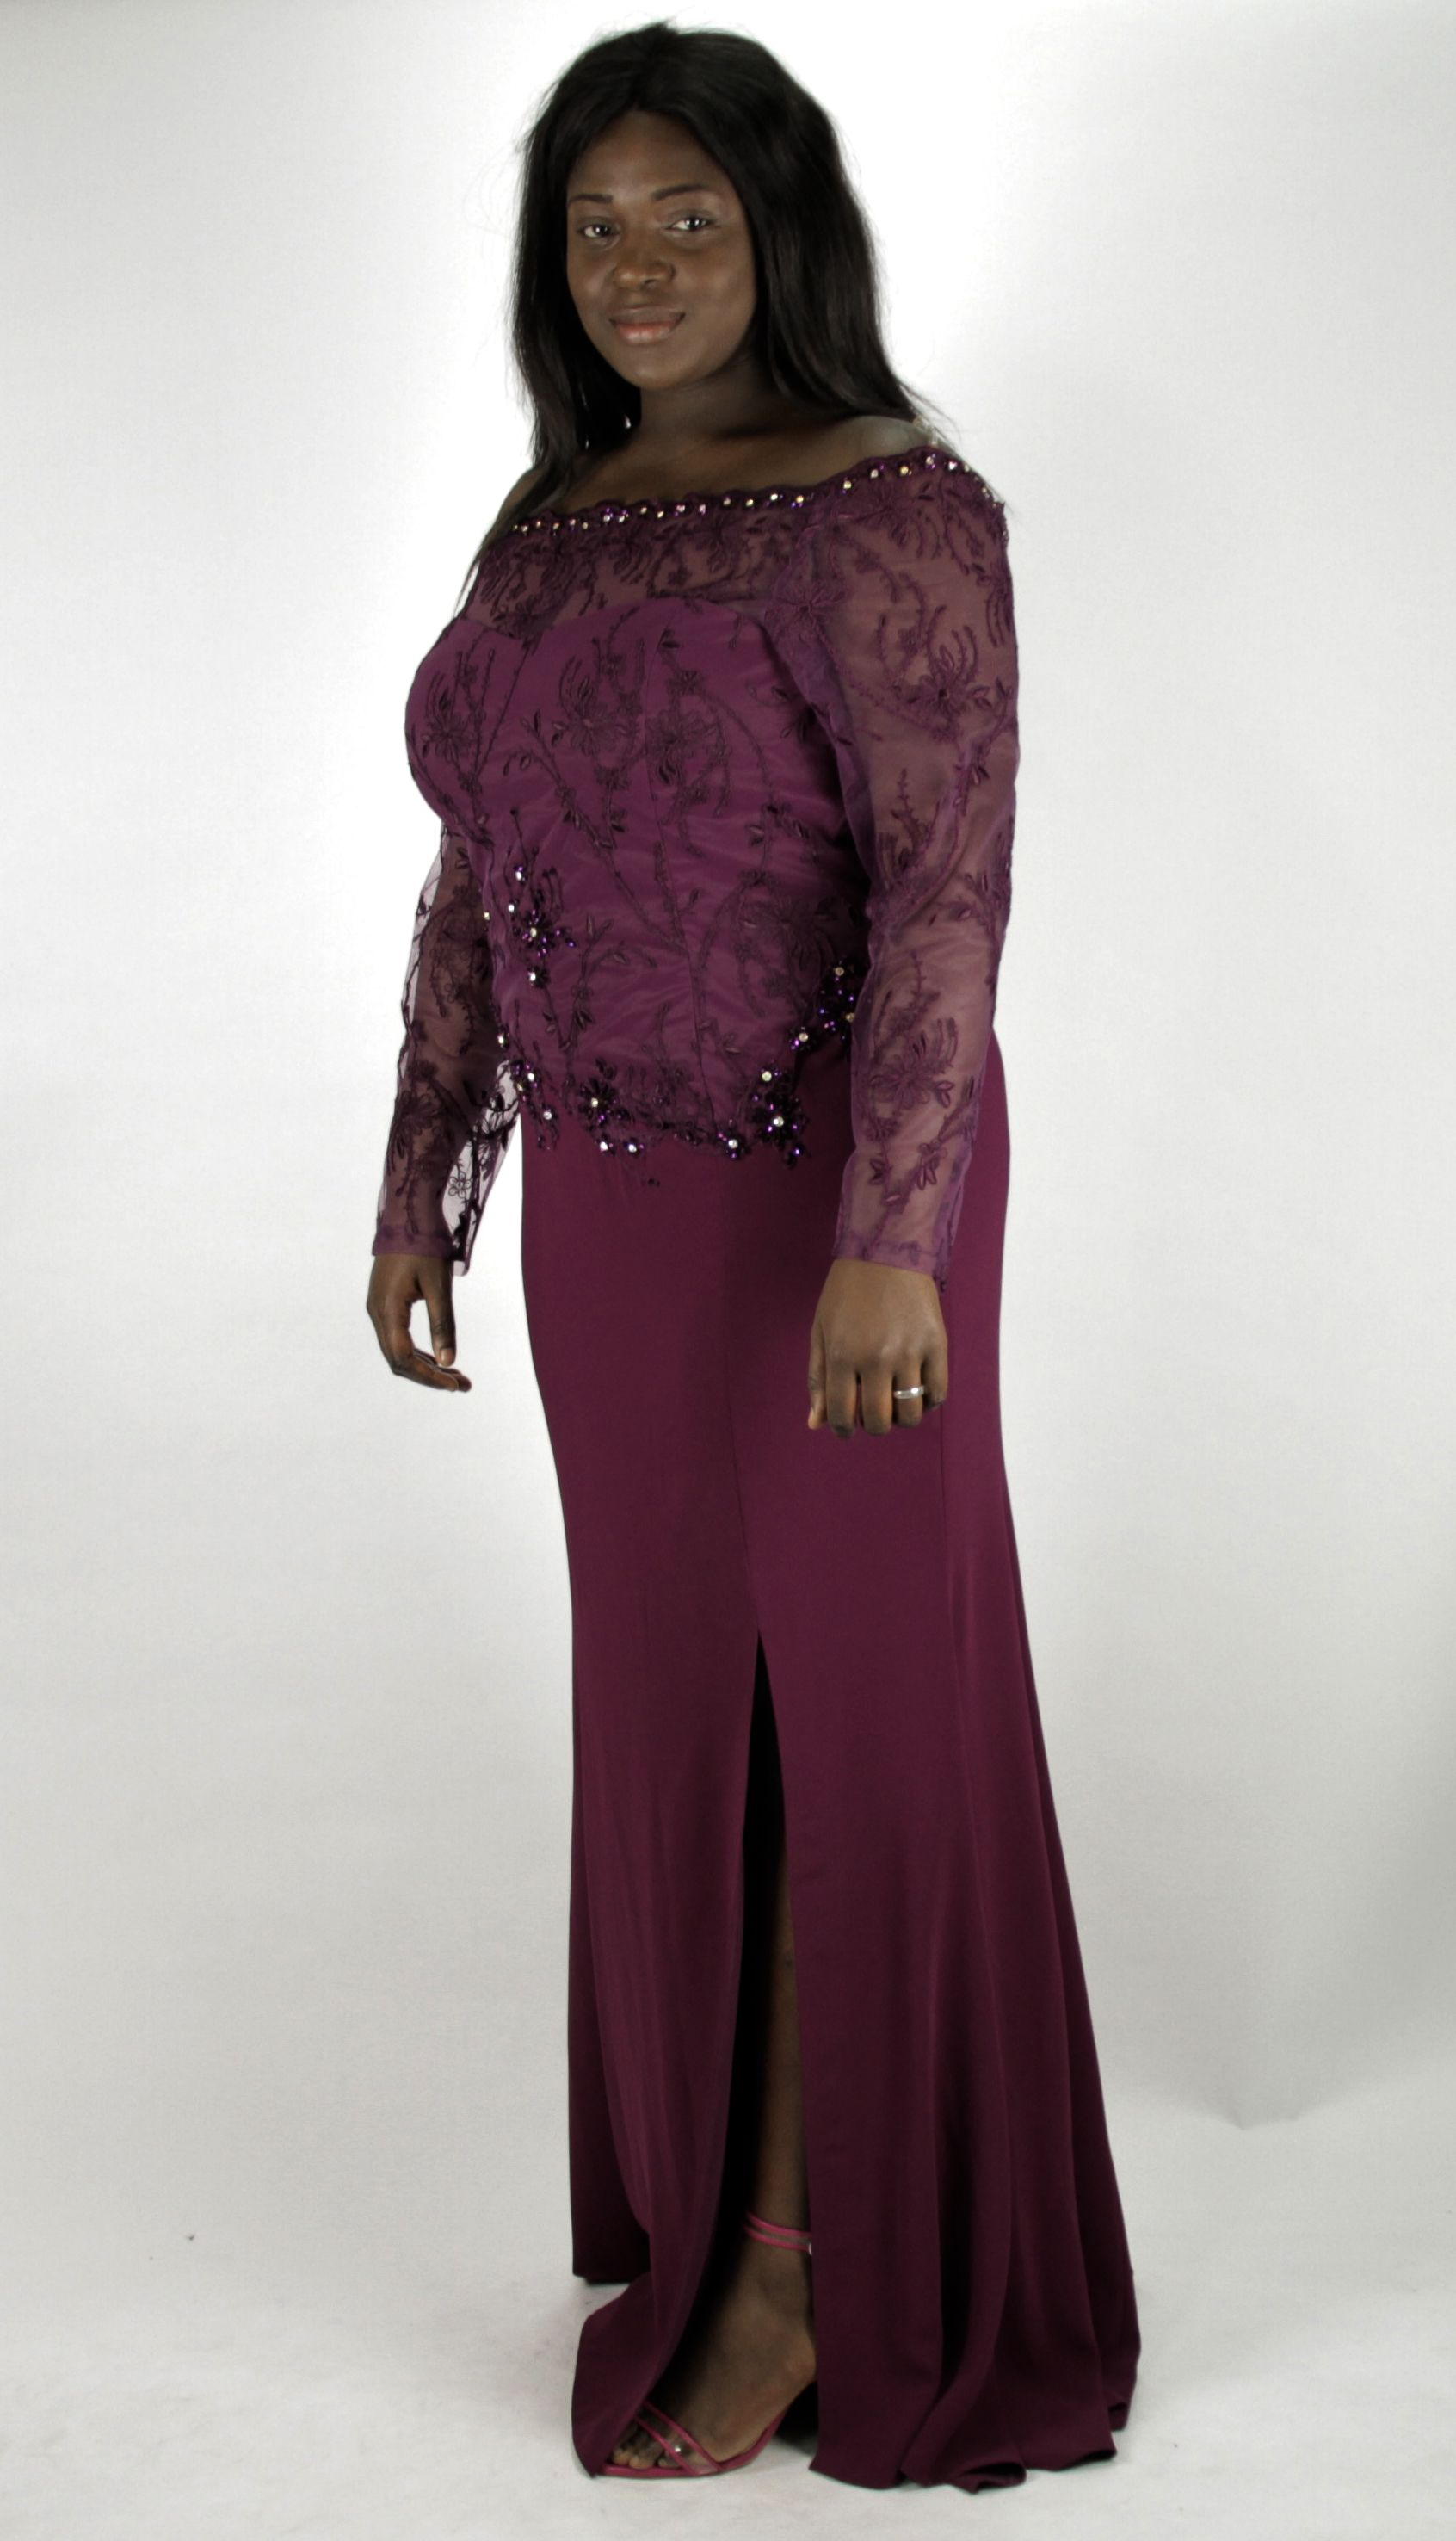 f88a6ac1536 Appréciez la délicatesse de la dentelle orné de perles présente sur cette  splendide robe orientale magenta